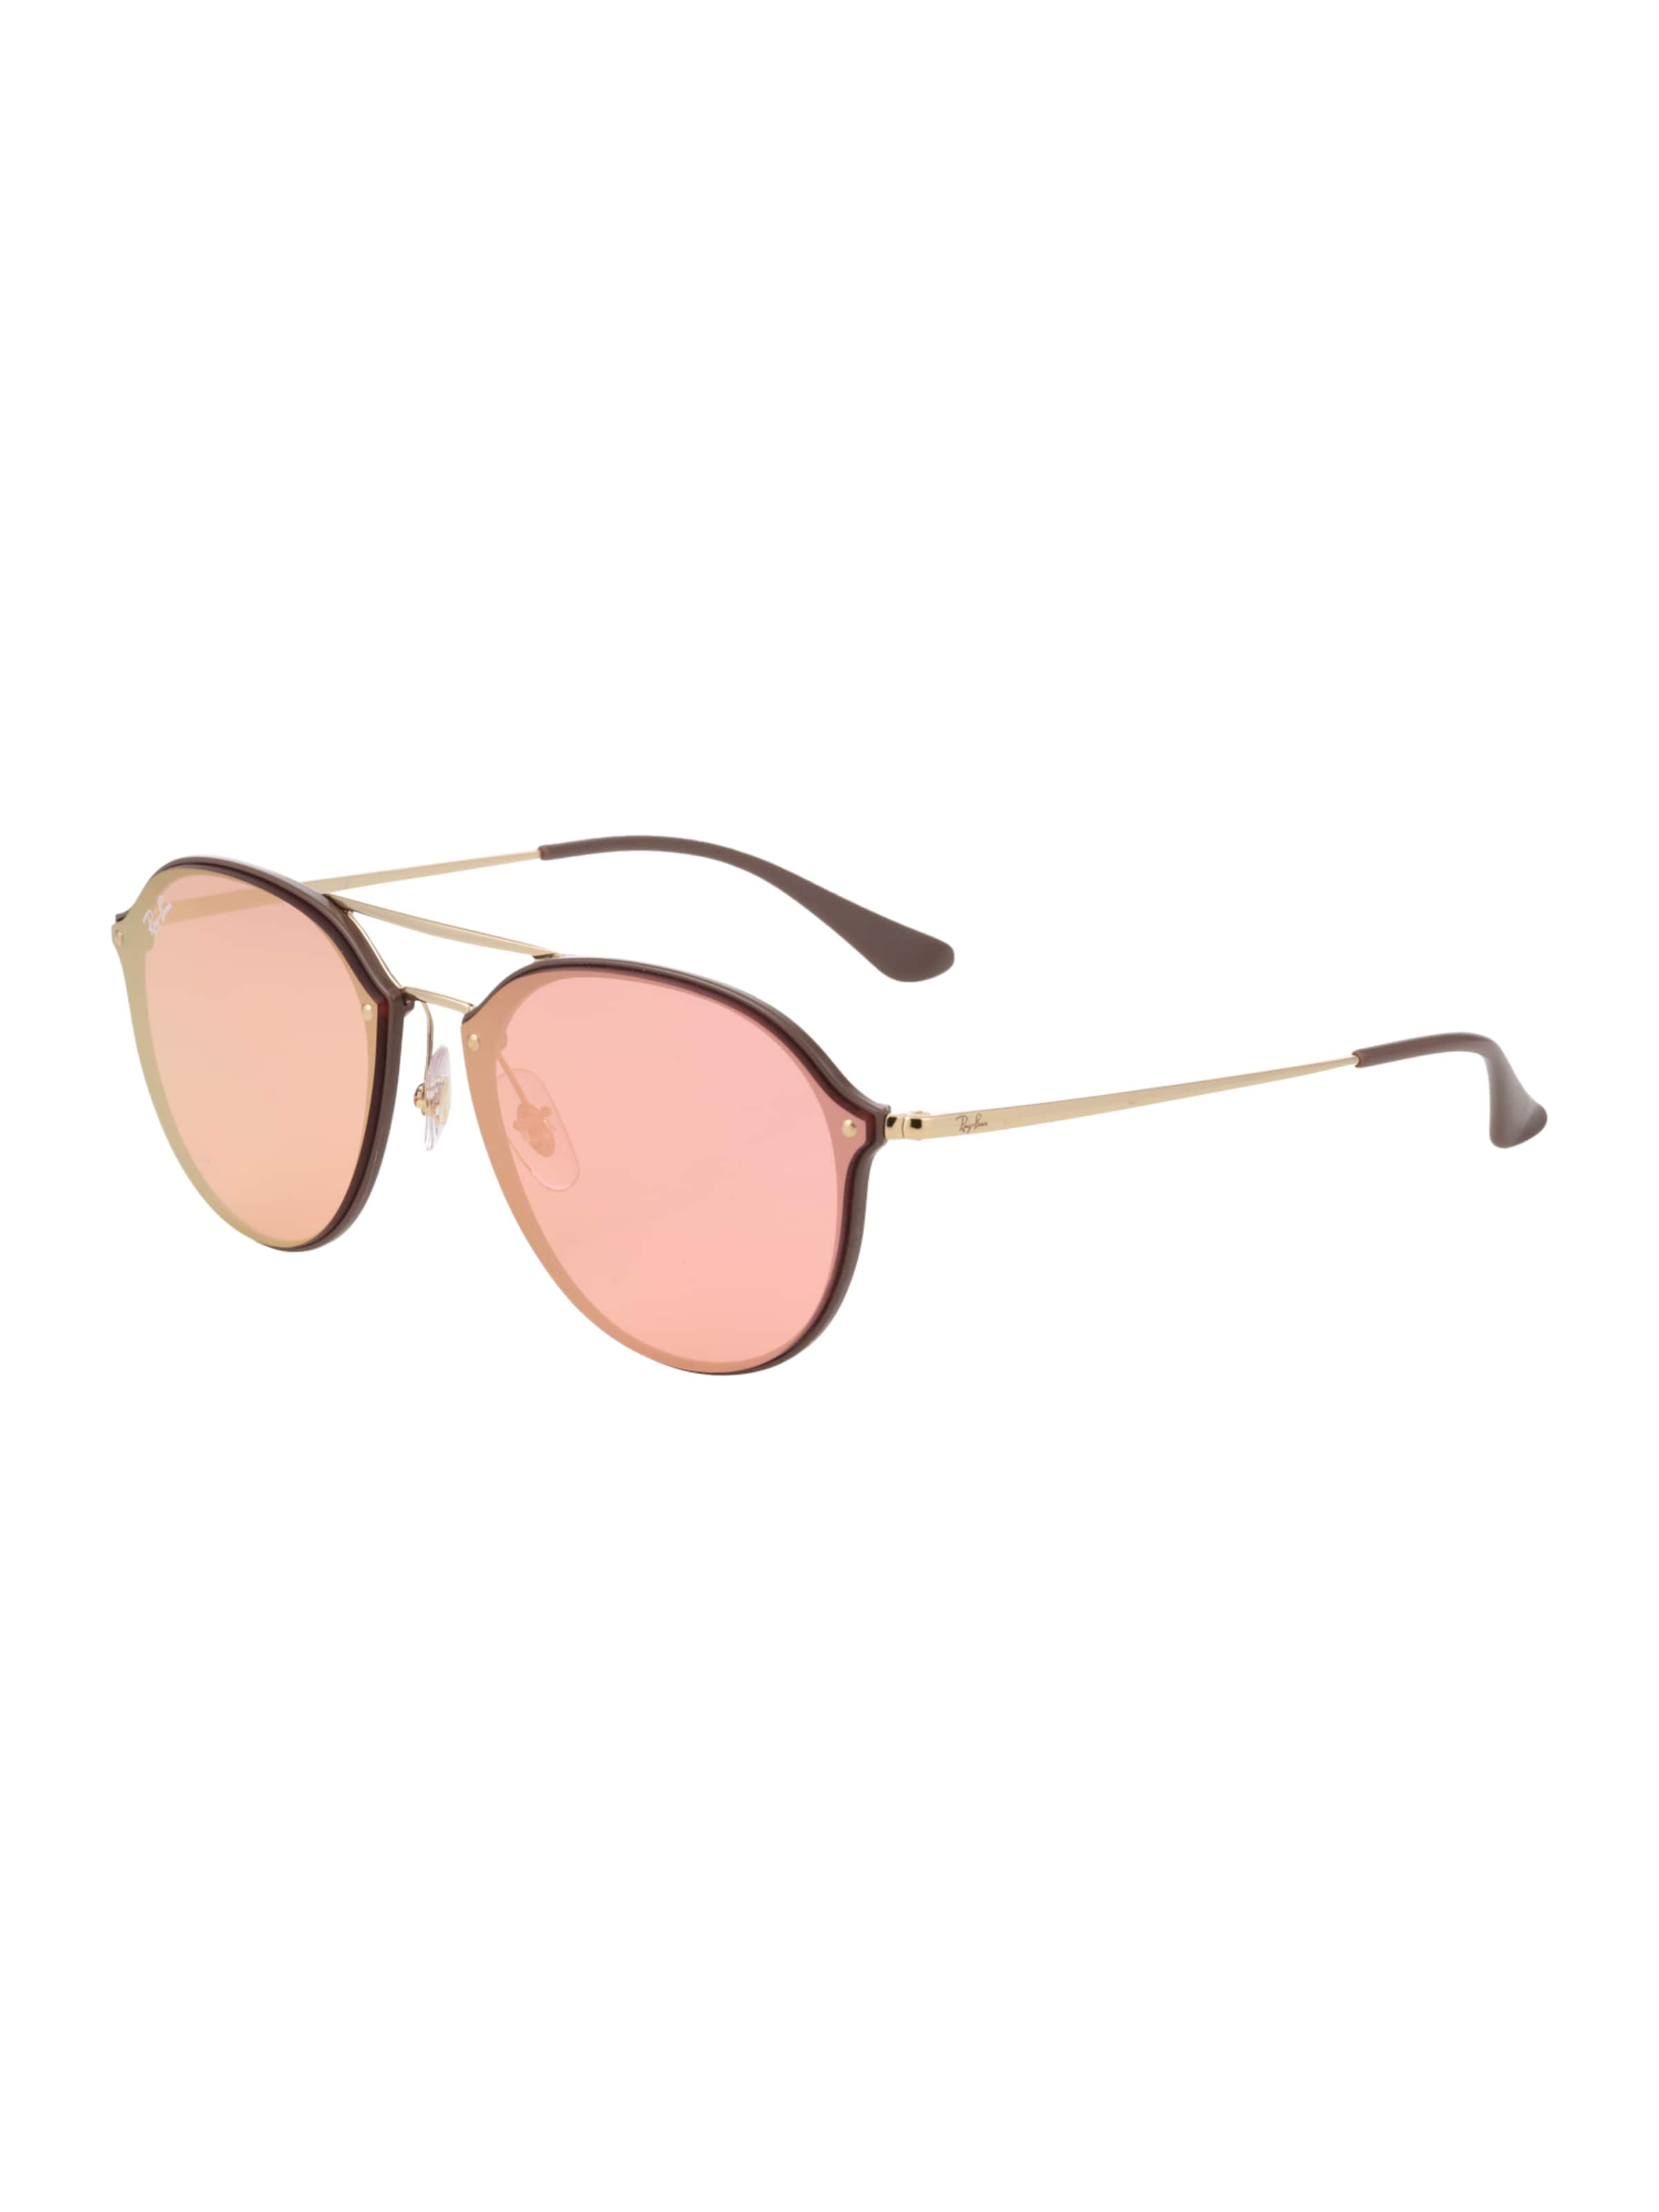 Ray-Ban Sonnenbrille 'Blaze' Beliebt Zu Verkaufen Sehr Billig GgjsRams